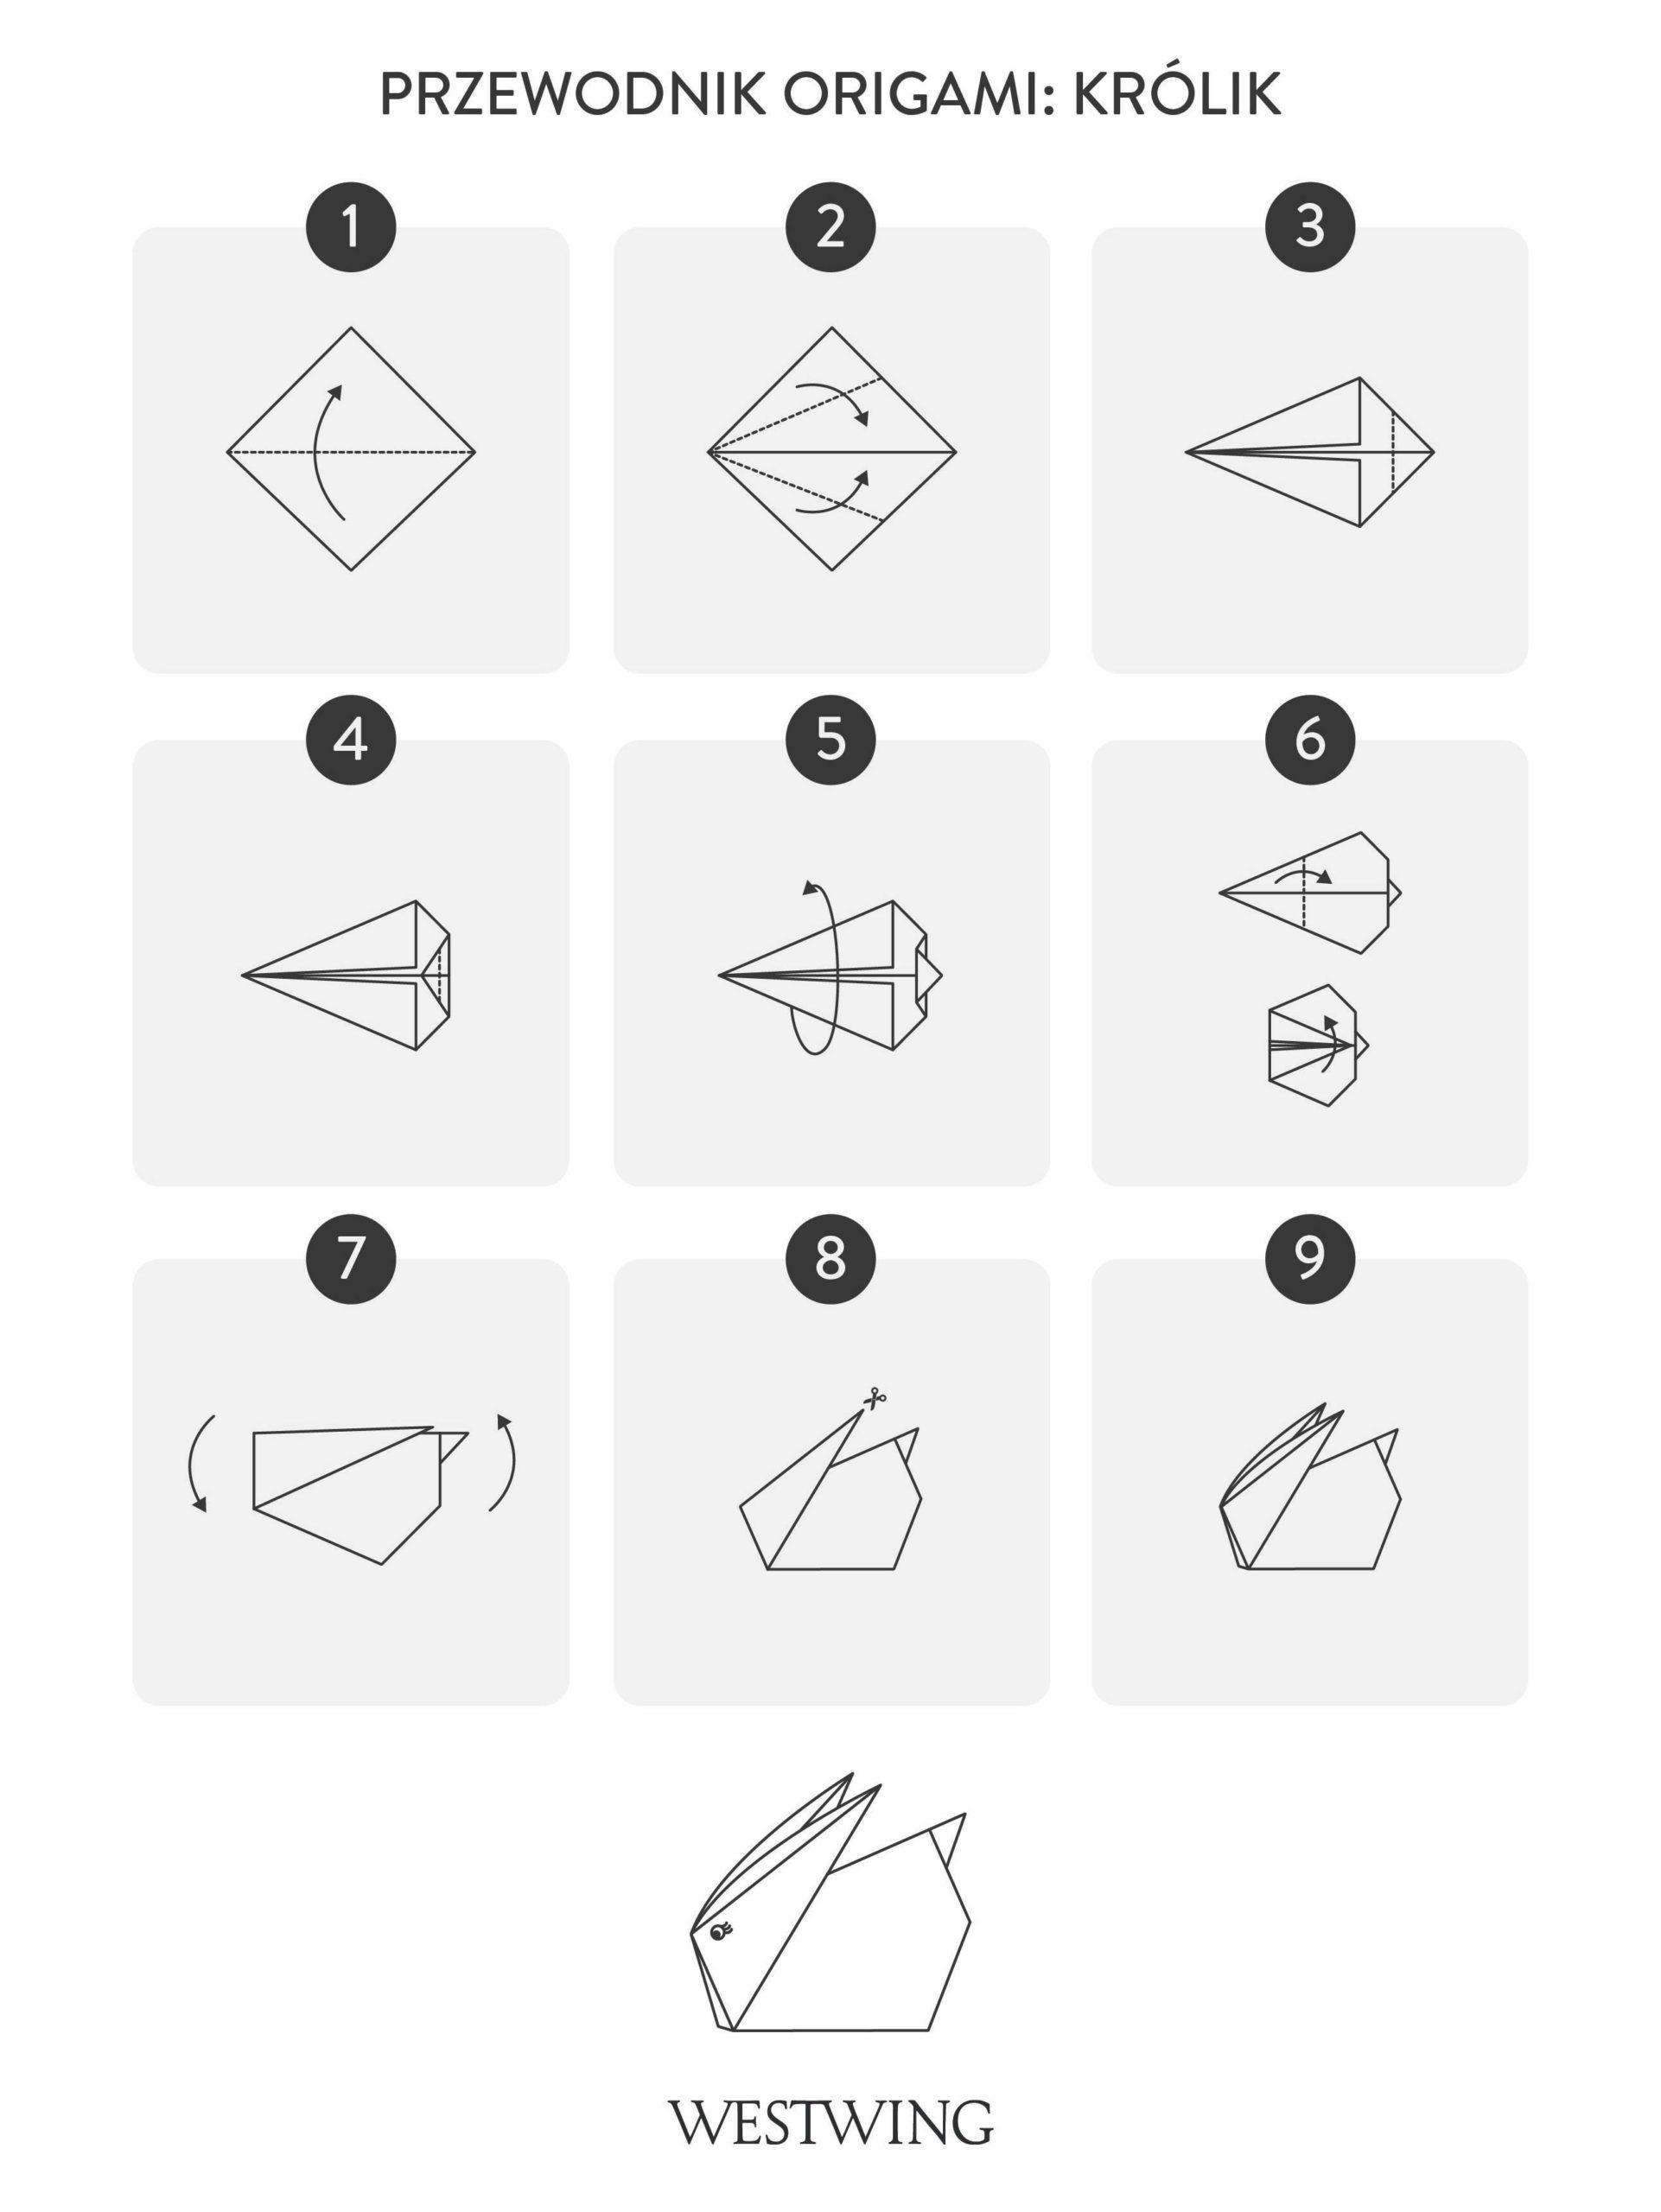 Jak zrobić origami królika krok po kroku